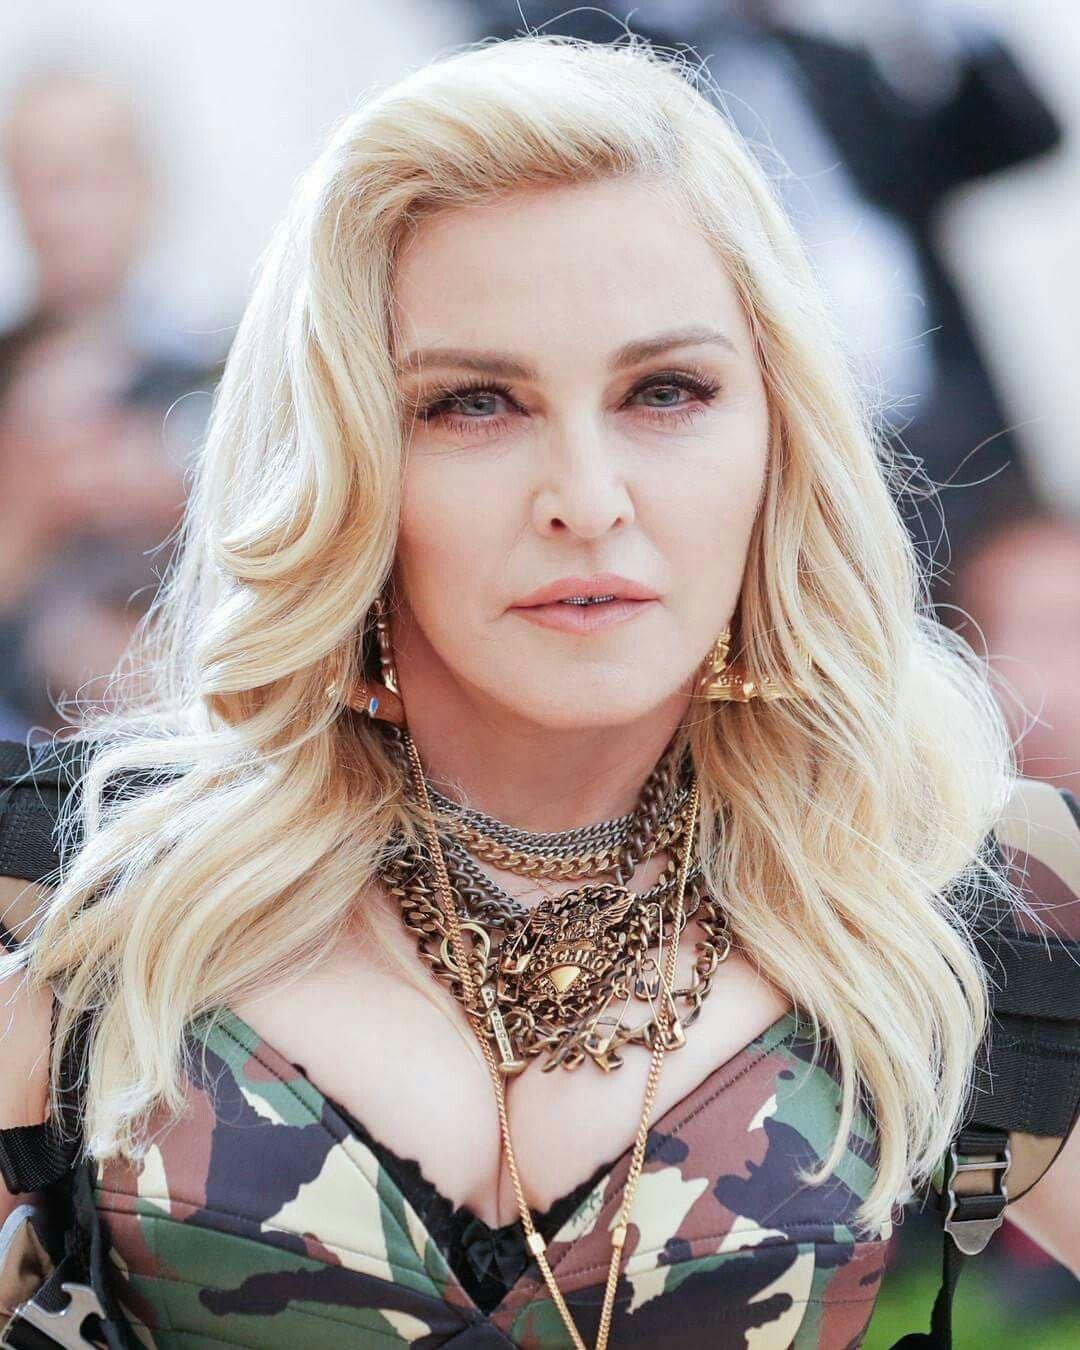 Madonna sexy photos - 2019 year